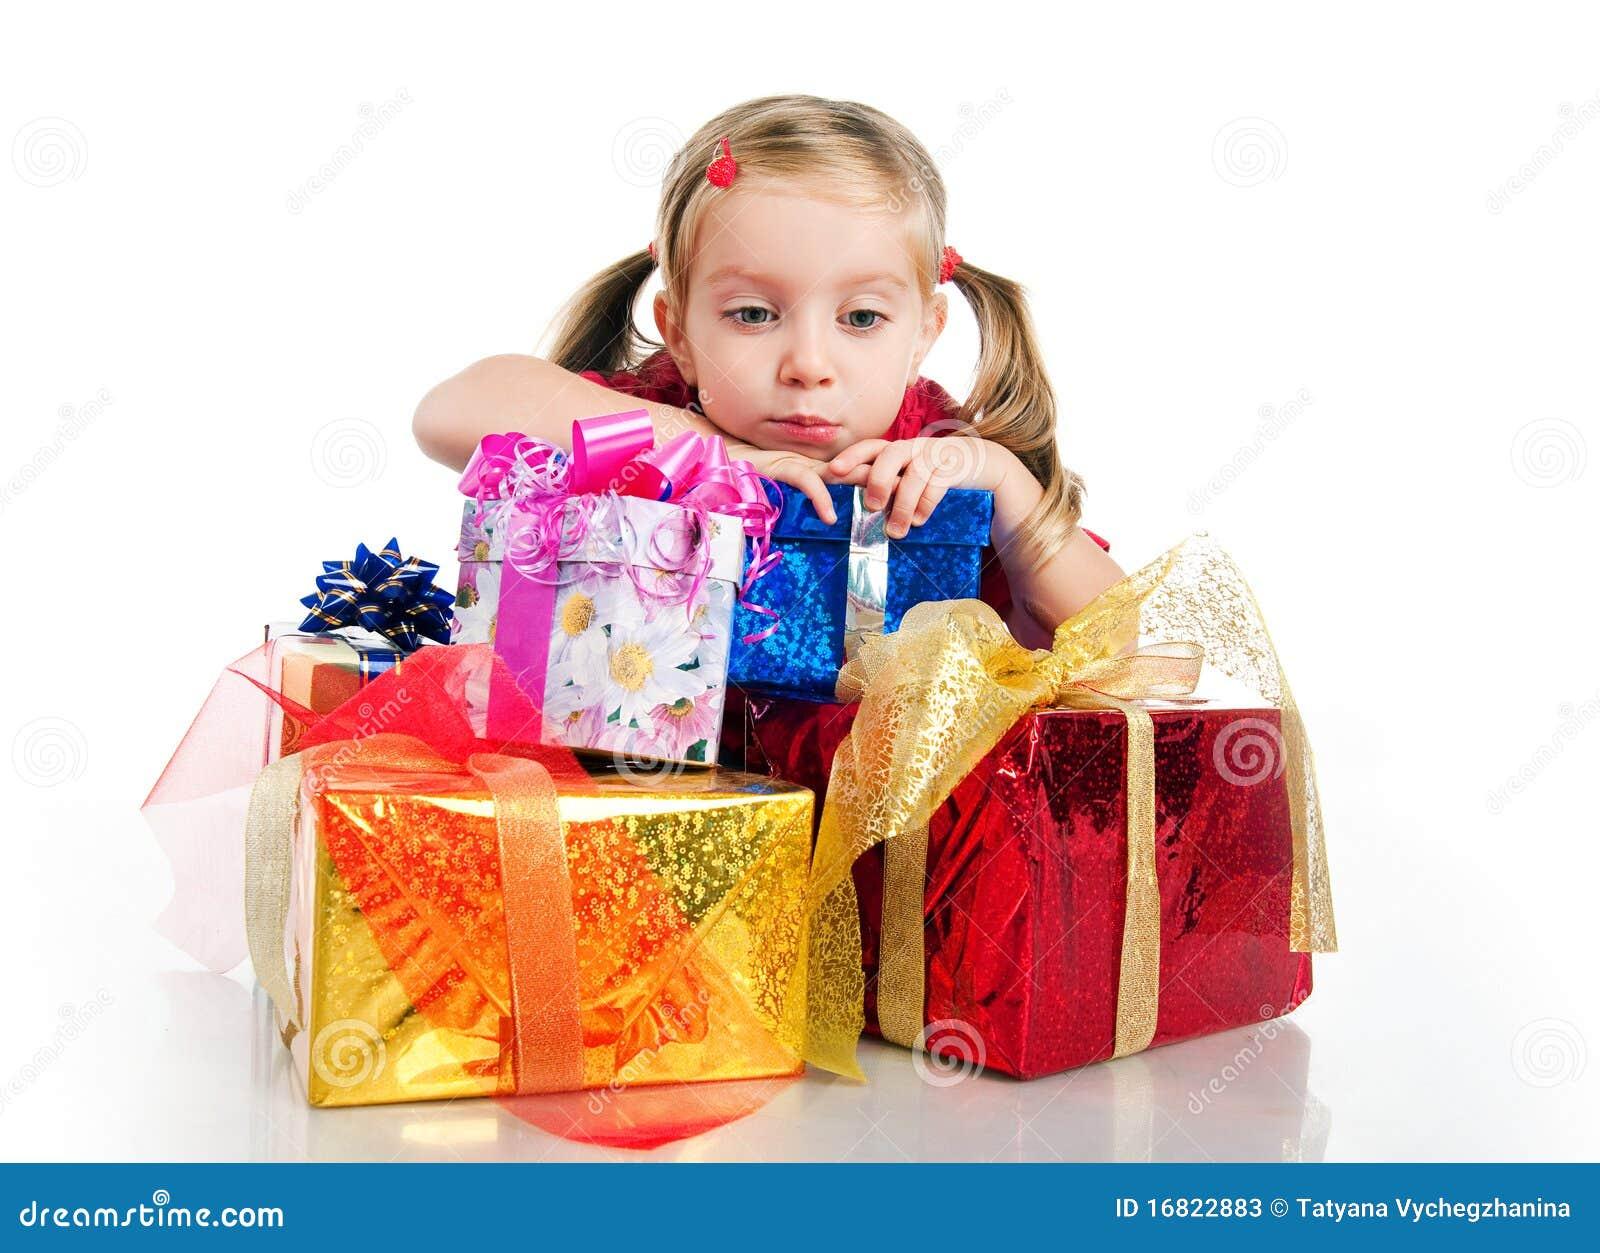 Trauriges Kleines Mädchen Wih Die Geschenke Stockbild - Bild von ...